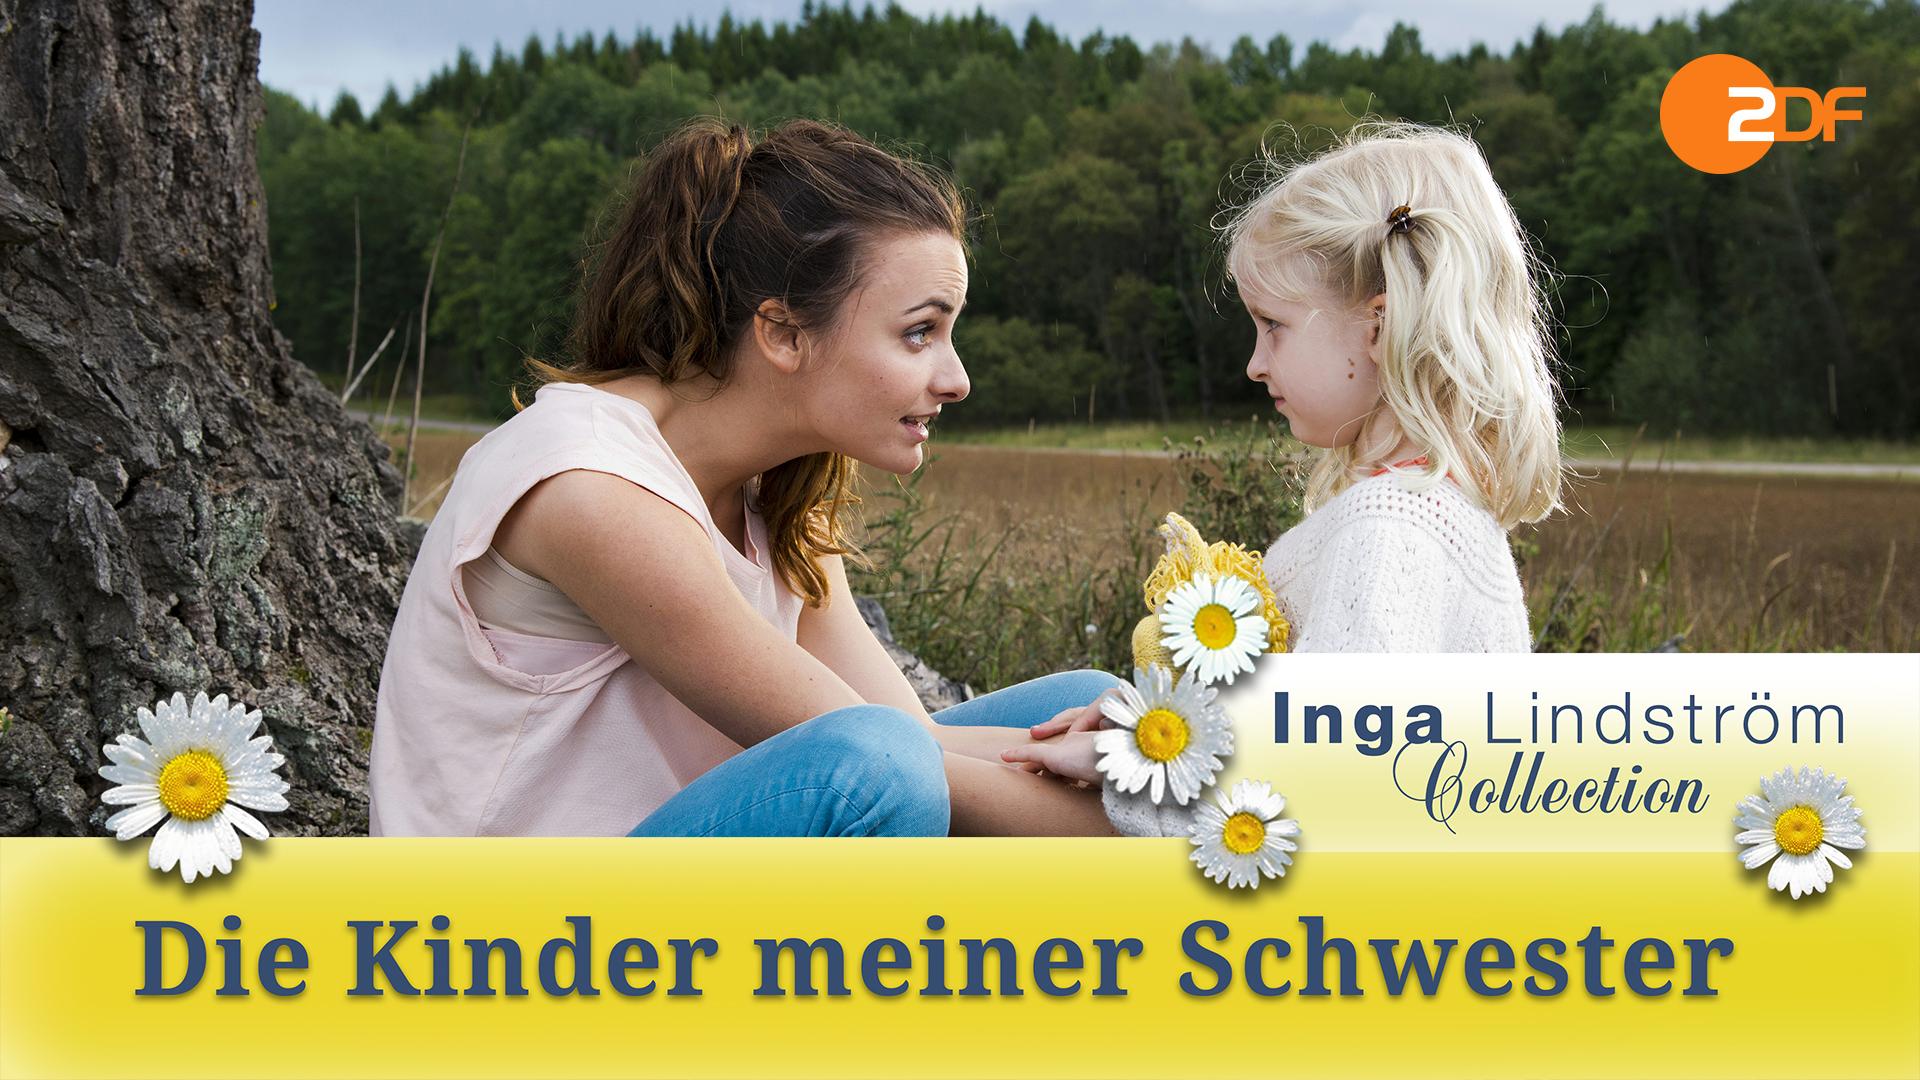 Inga Lindström: Die Kinder meiner Schwester